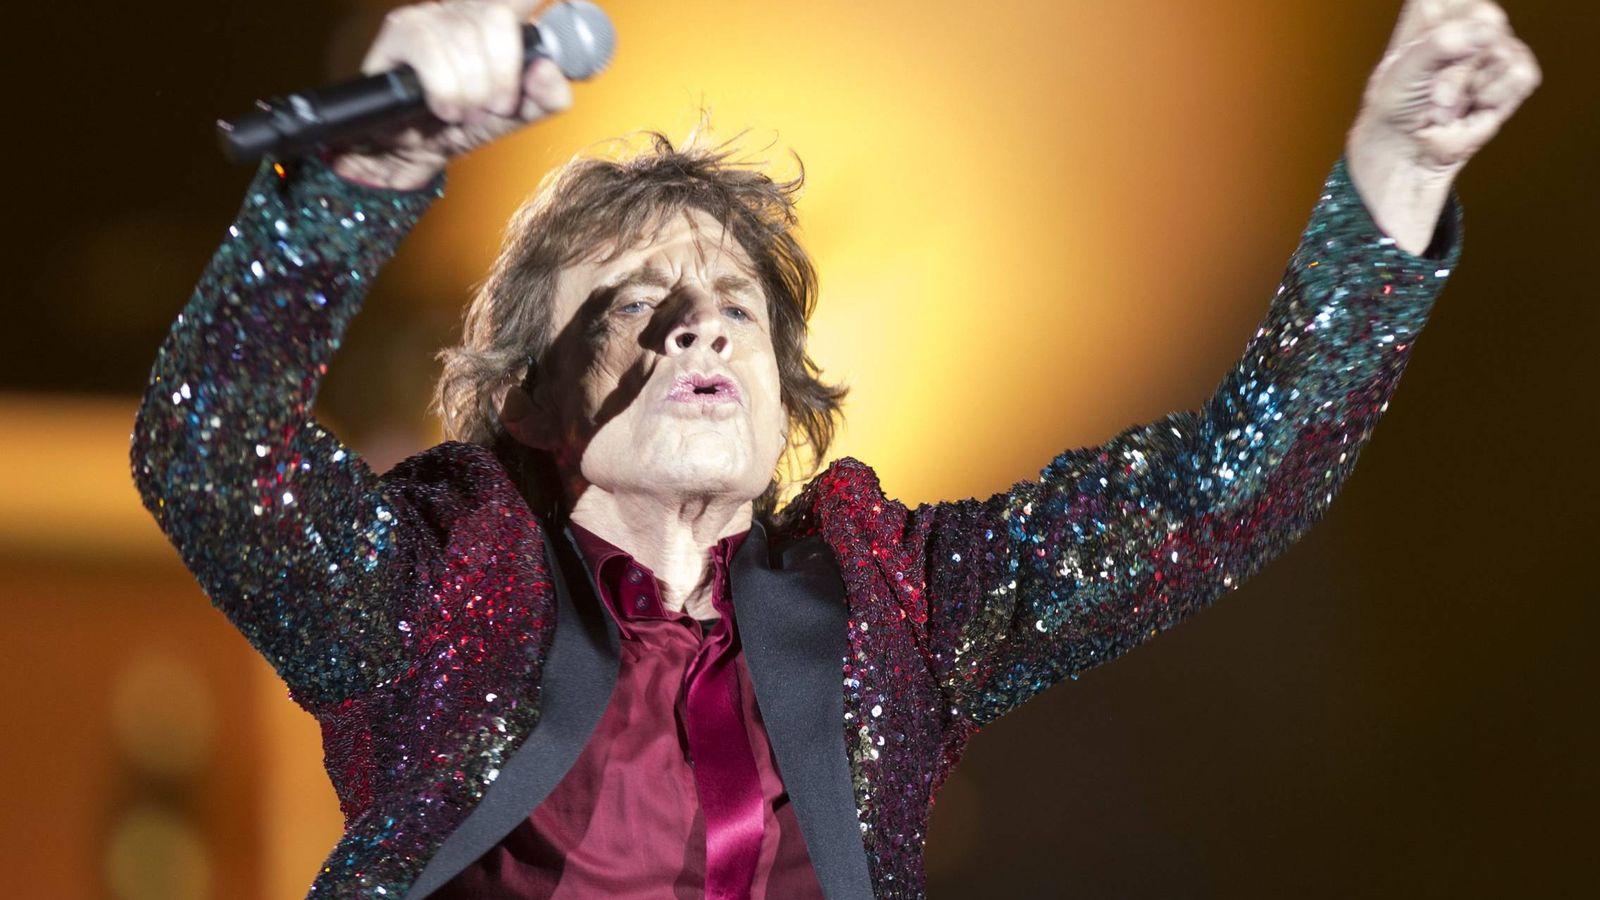 Foto: El cantante Mick Jagger en una imagen de archivo. (Gtres)